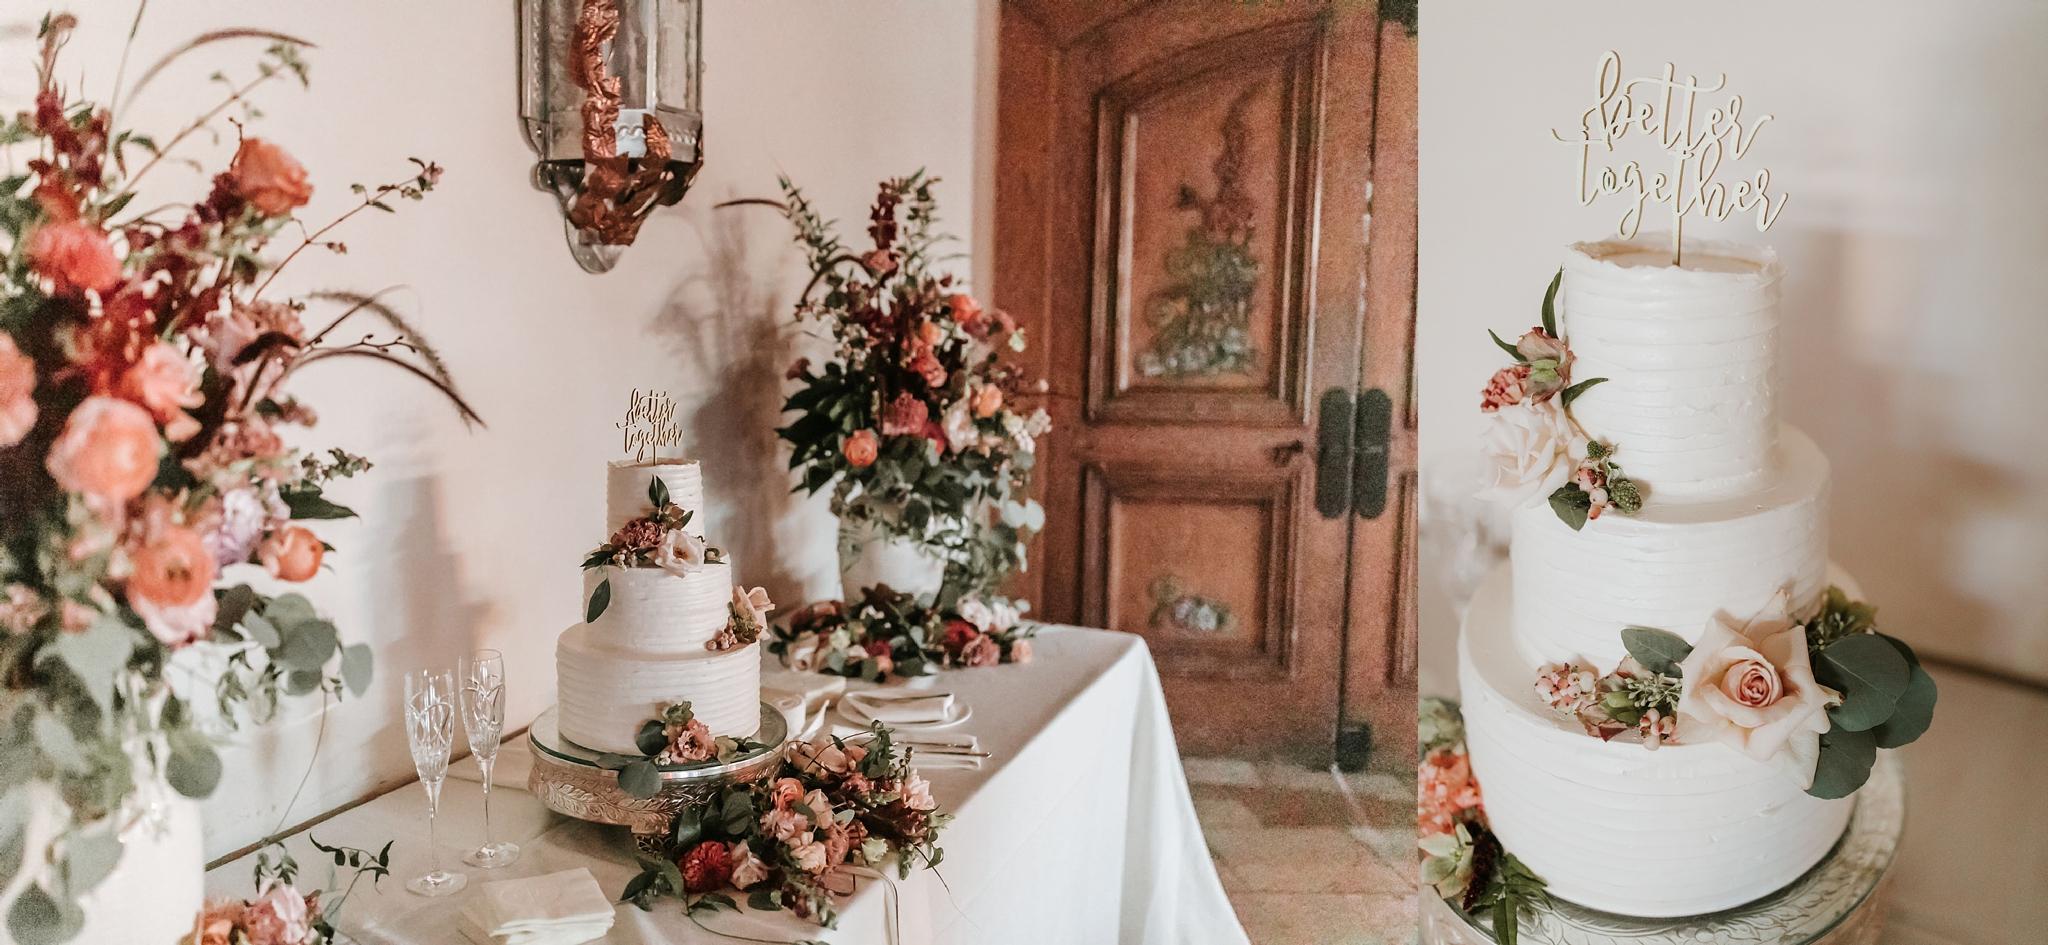 Alicia+lucia+photography+-+albuquerque+wedding+photographer+-+santa+fe+wedding+photography+-+new+mexico+wedding+photographer+-+new+mexico+florist+-+wedding+florist+-+renegade+floral_0106.jpg